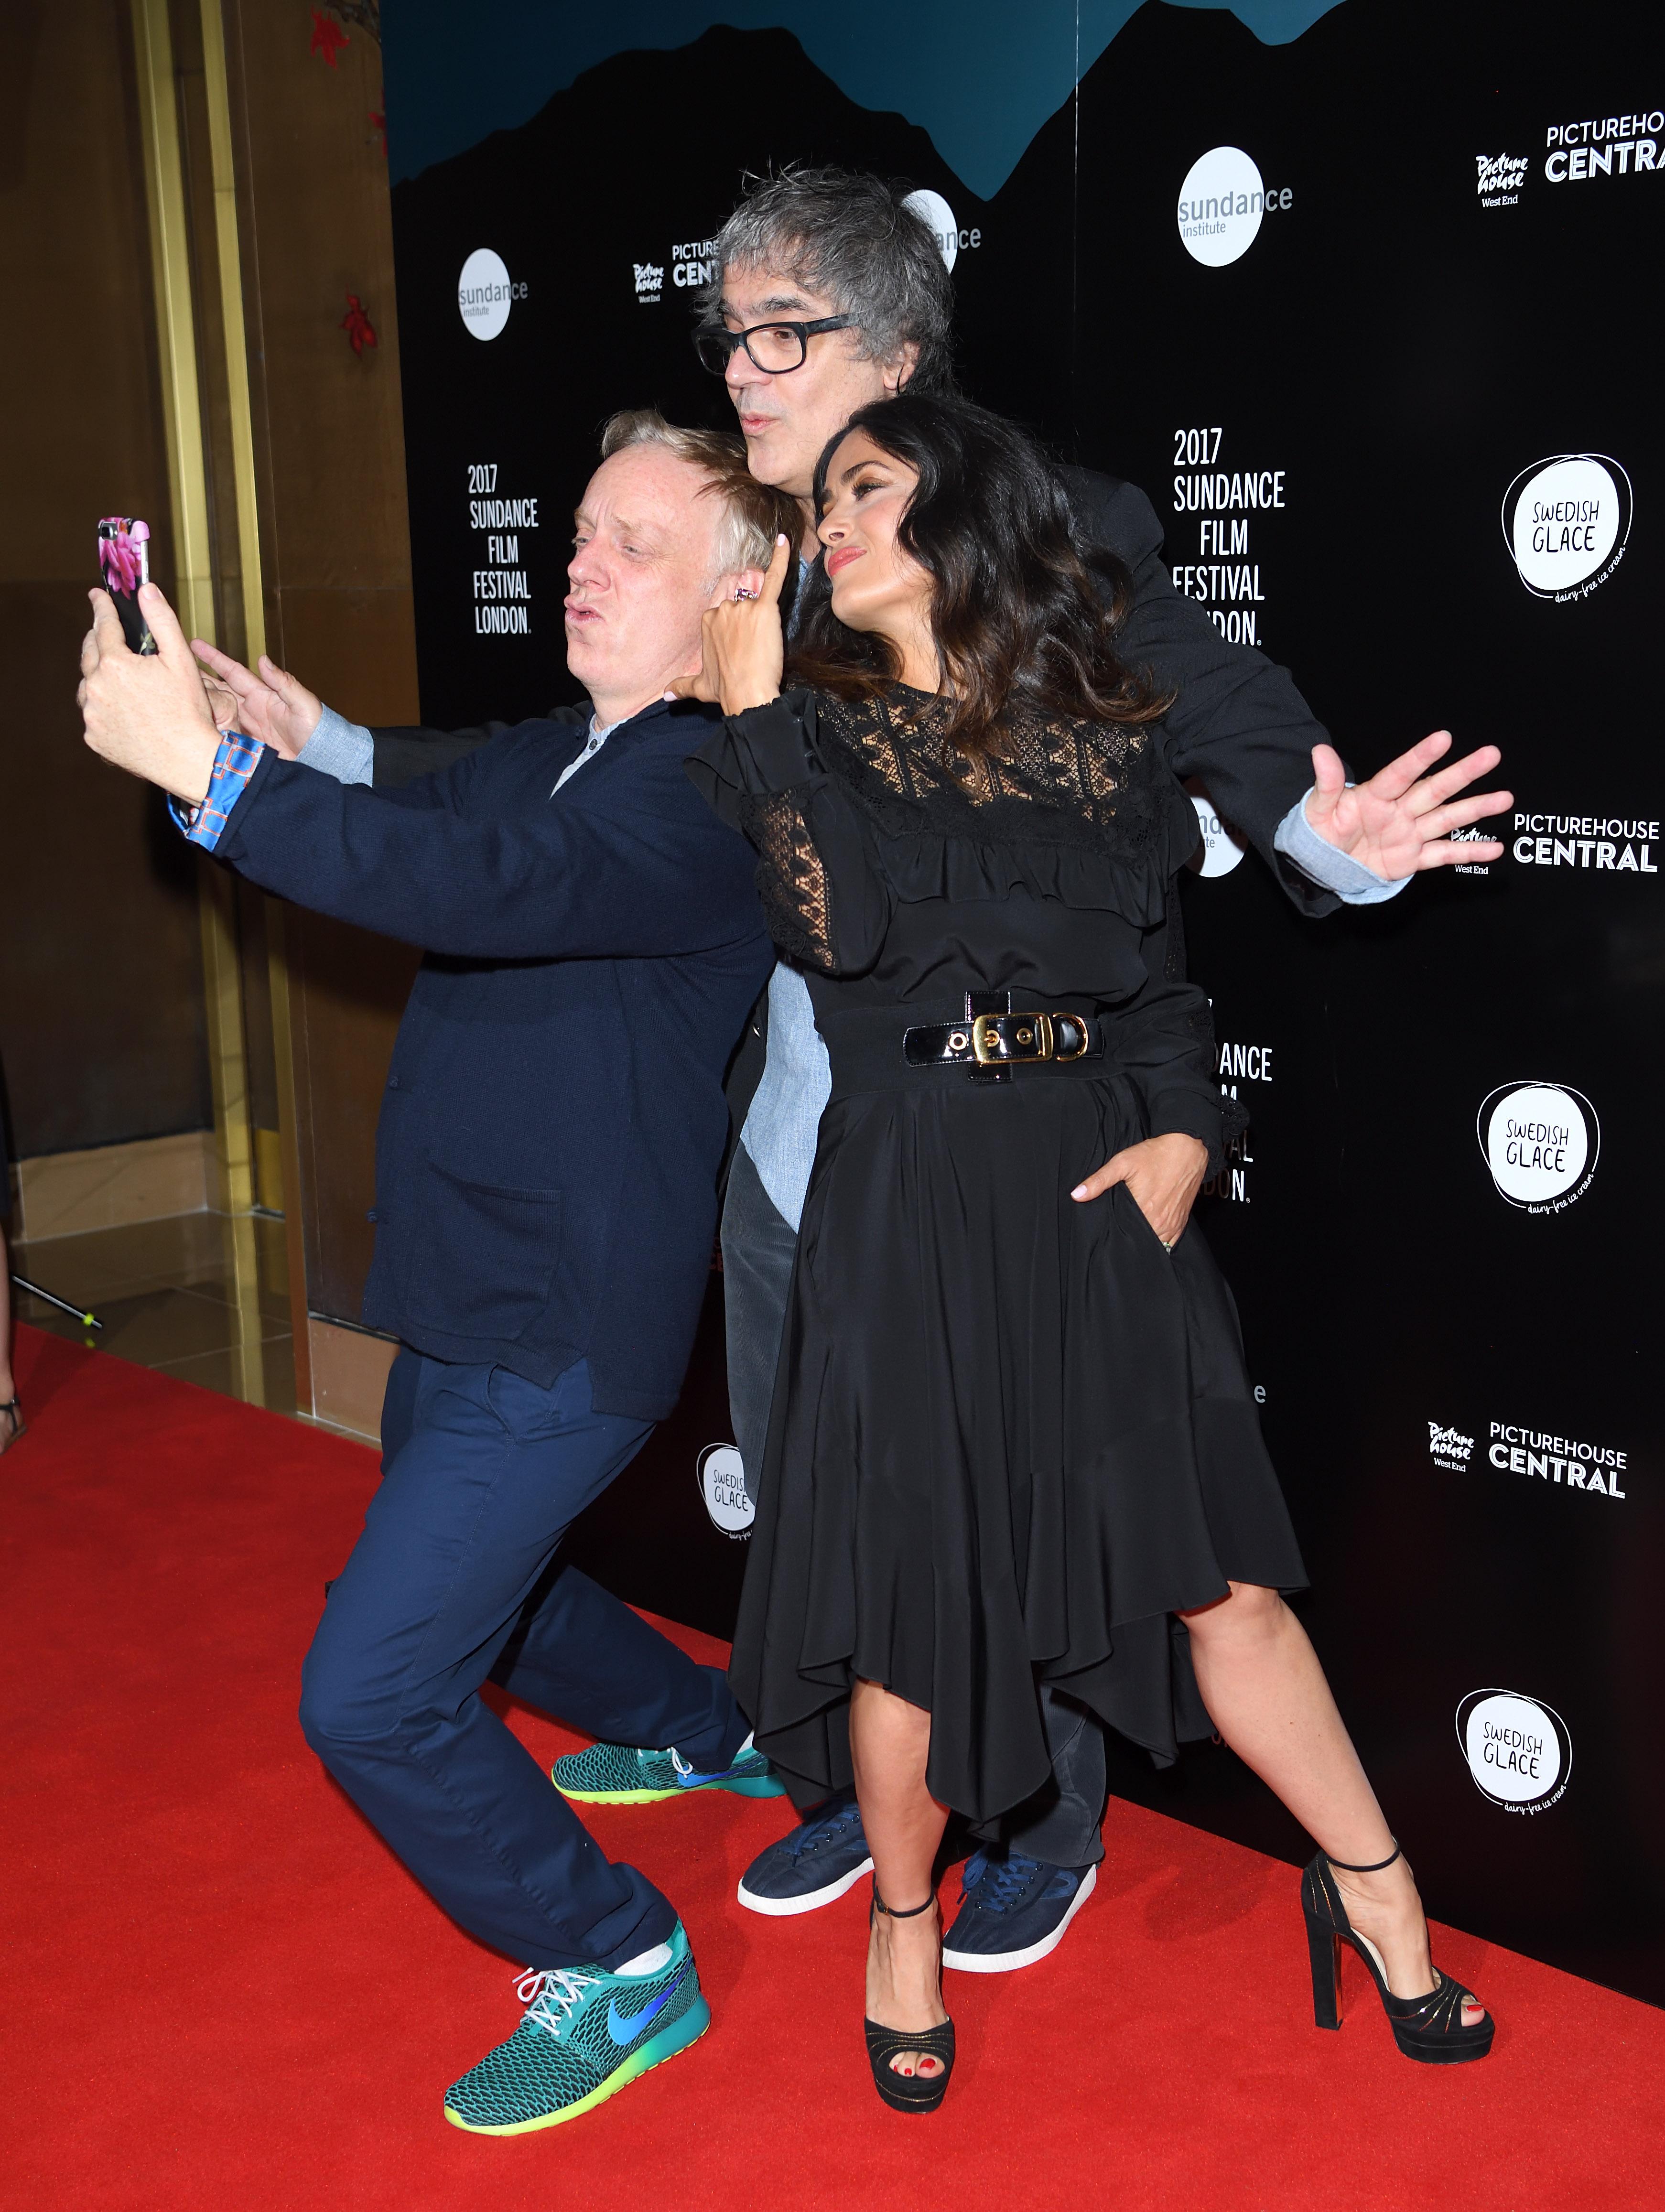 """Sundance Film Festival: Screening of """"Beatriz At Dinner"""" - Arrivals"""